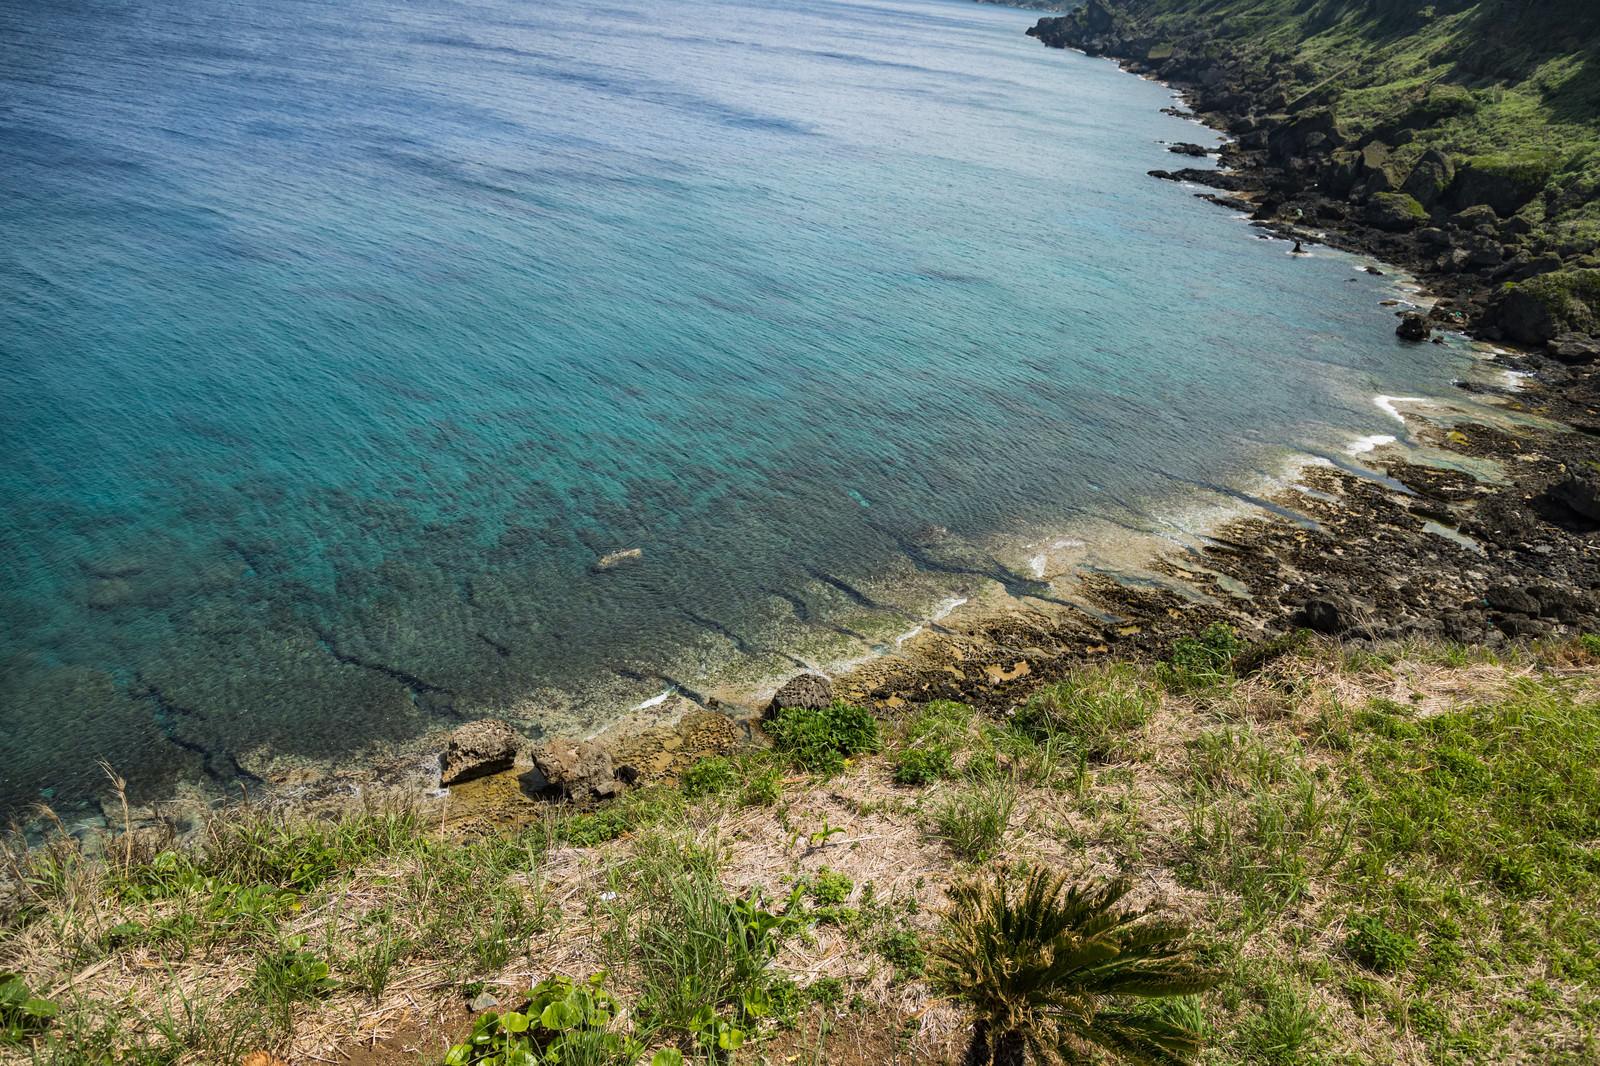 「犬田布岬の海岸」の写真